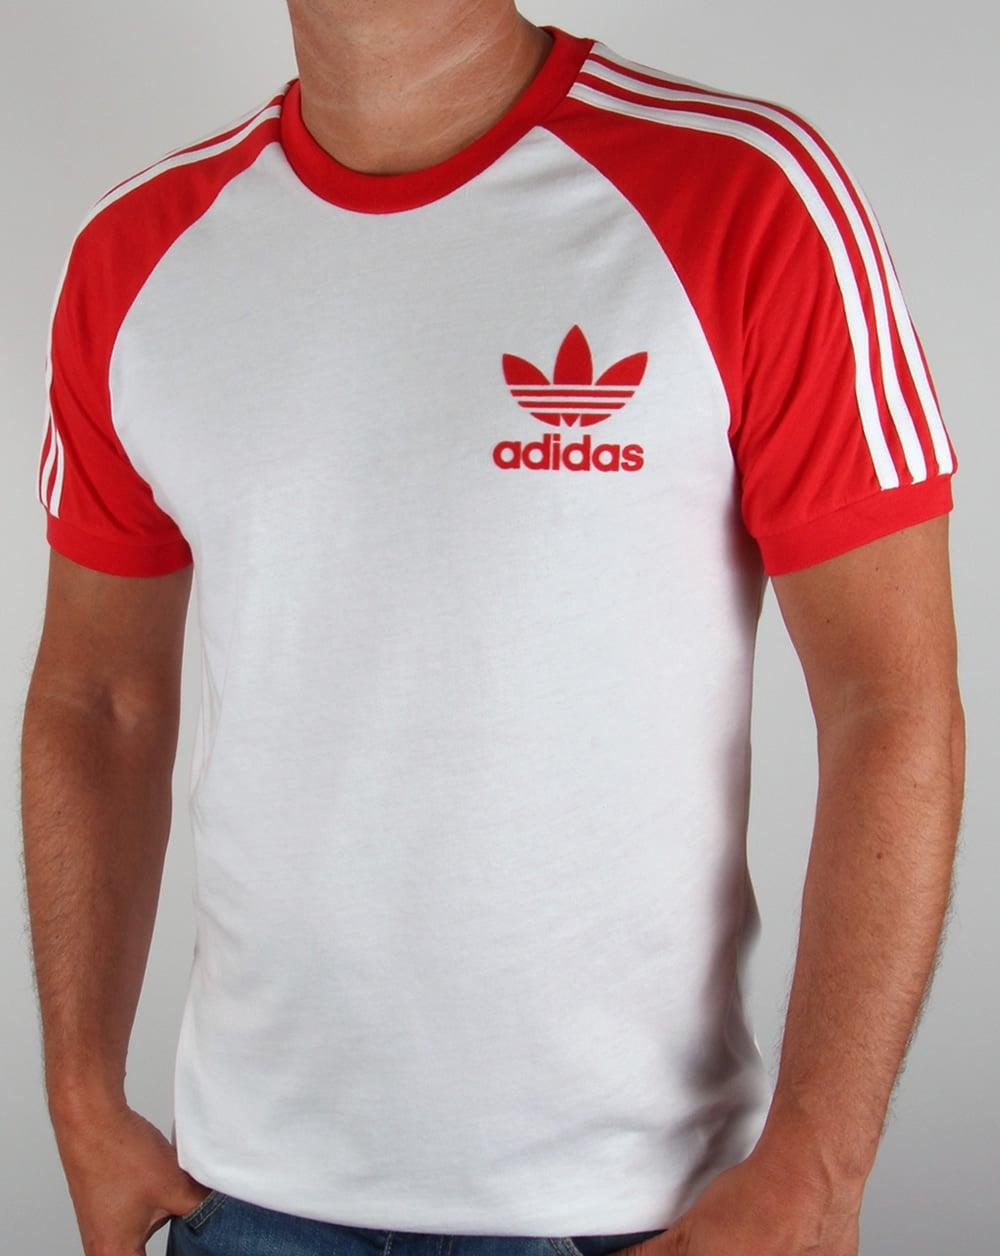 adidas originals retro 3 stripe t shirt white red